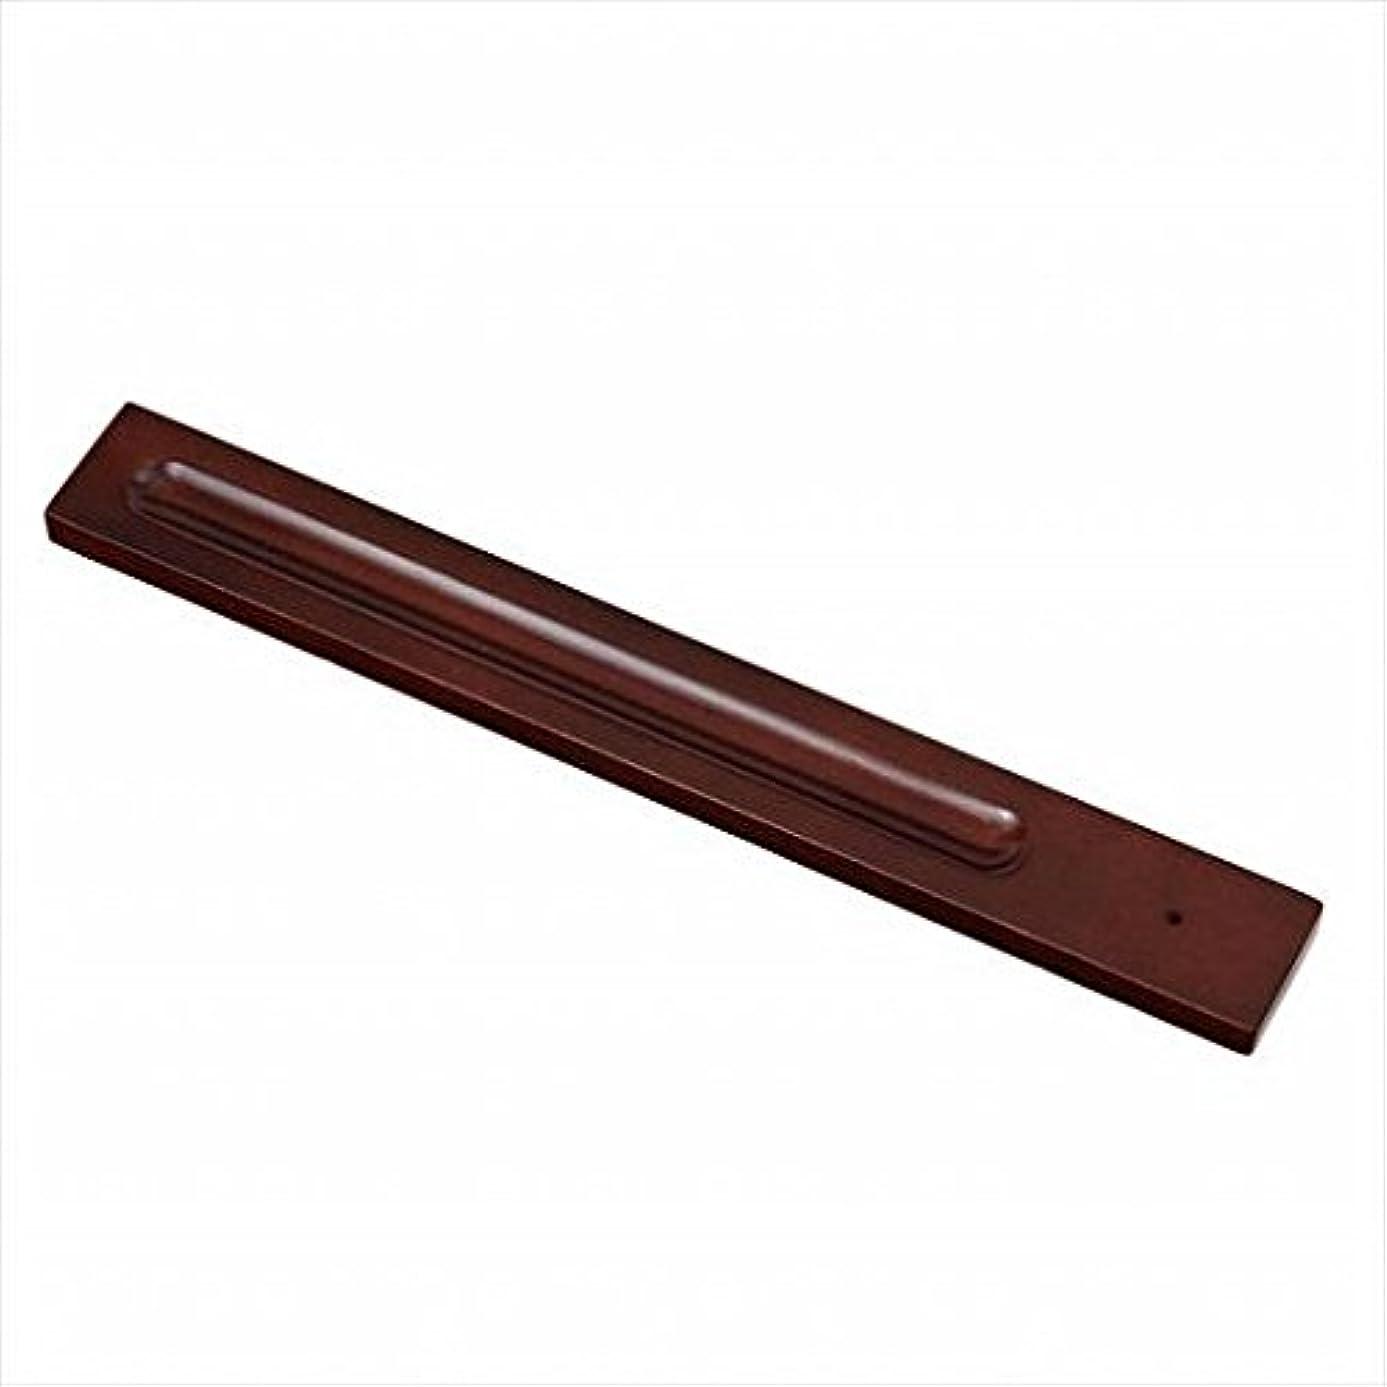 ダブル参照する余分なkameyama candle(カメヤマキャンドル) バンブーインセンス用ホルダースクエア 「 ブラウン 」 キャンドル 30x246x9mm (E3130000BR)